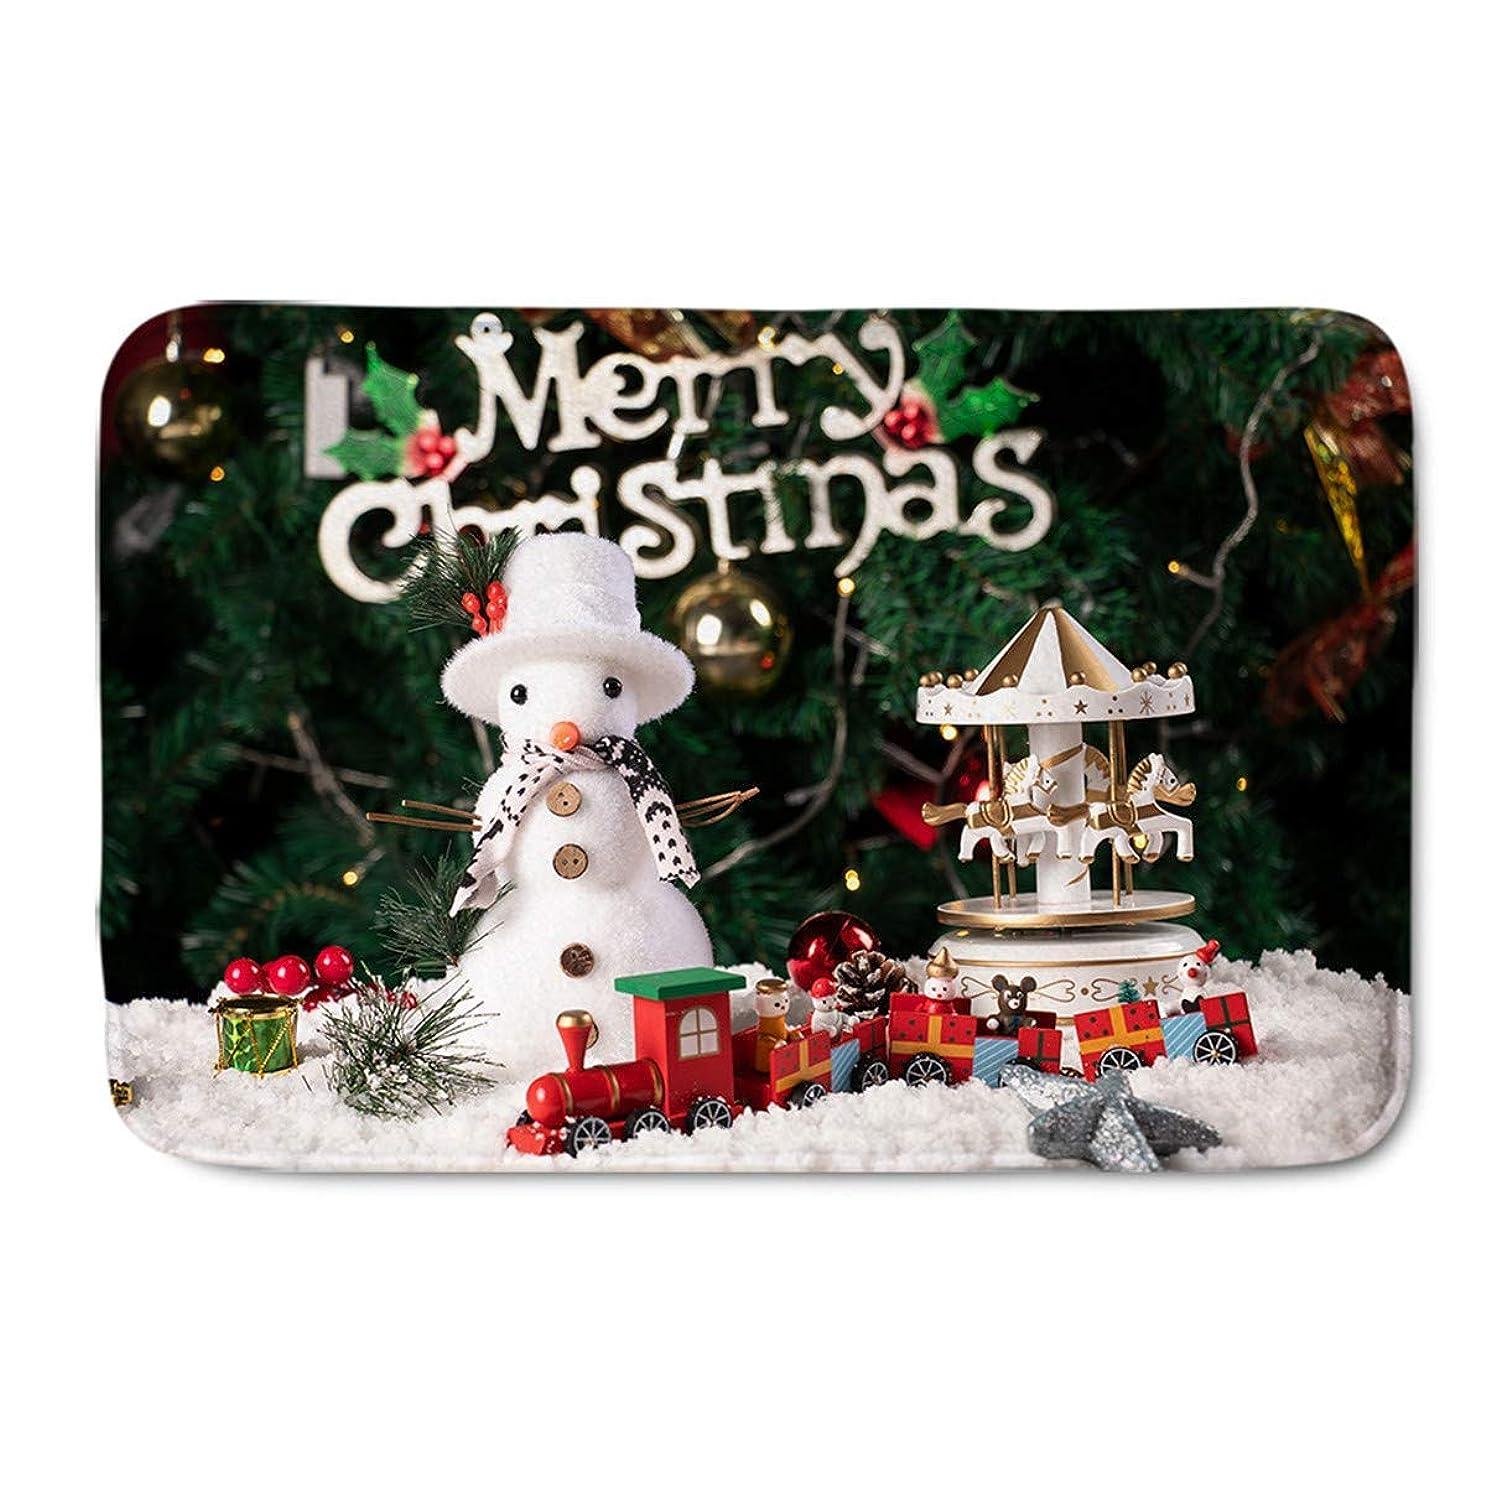 枝磨かれた悲観主義者クリスマスドアマット、新年のテーマギフトクリスマスキャラクターカルーセルと雪だるまグラフィックスタイル、滑り止めバッキング付き装飾ポリエステルフロアマット 75x45cm